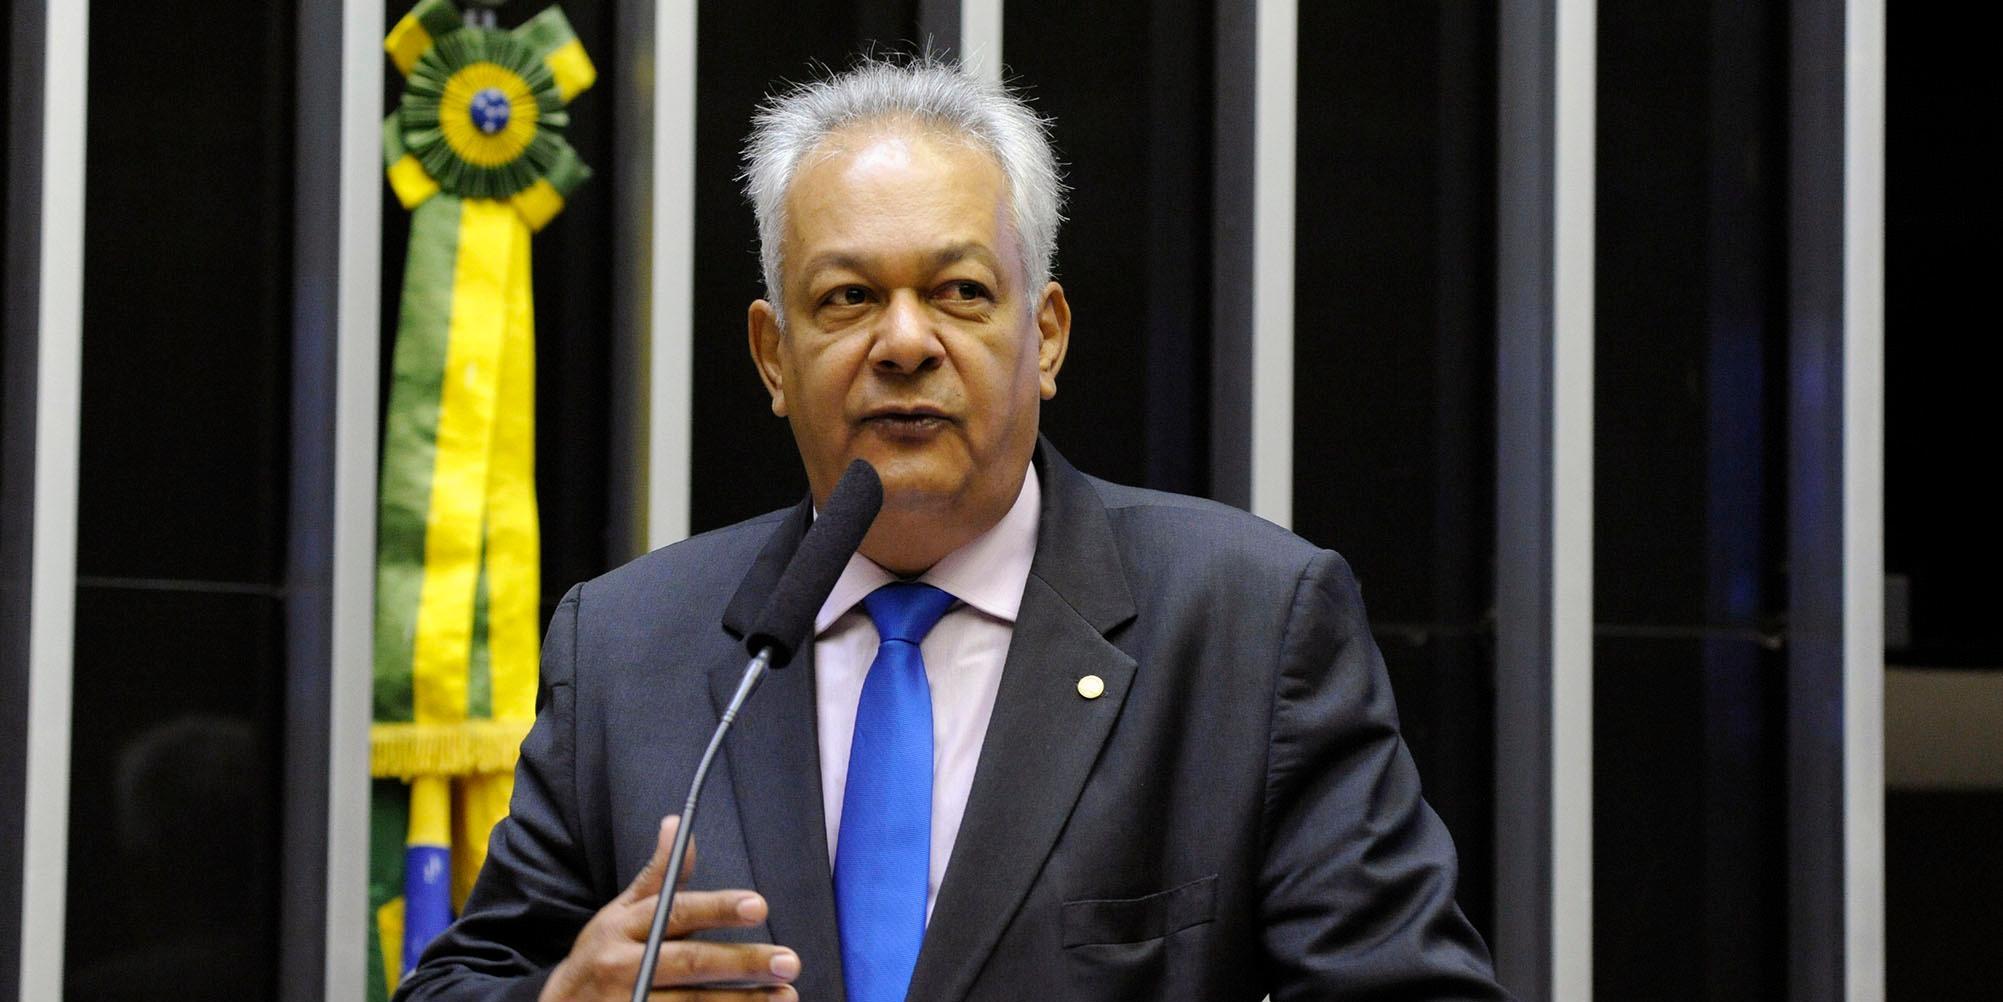 Homenagem ao Estado de Minas Gerais pelo seu Aniversário. Dep. Delegado Edson Moreira (PR - MG)